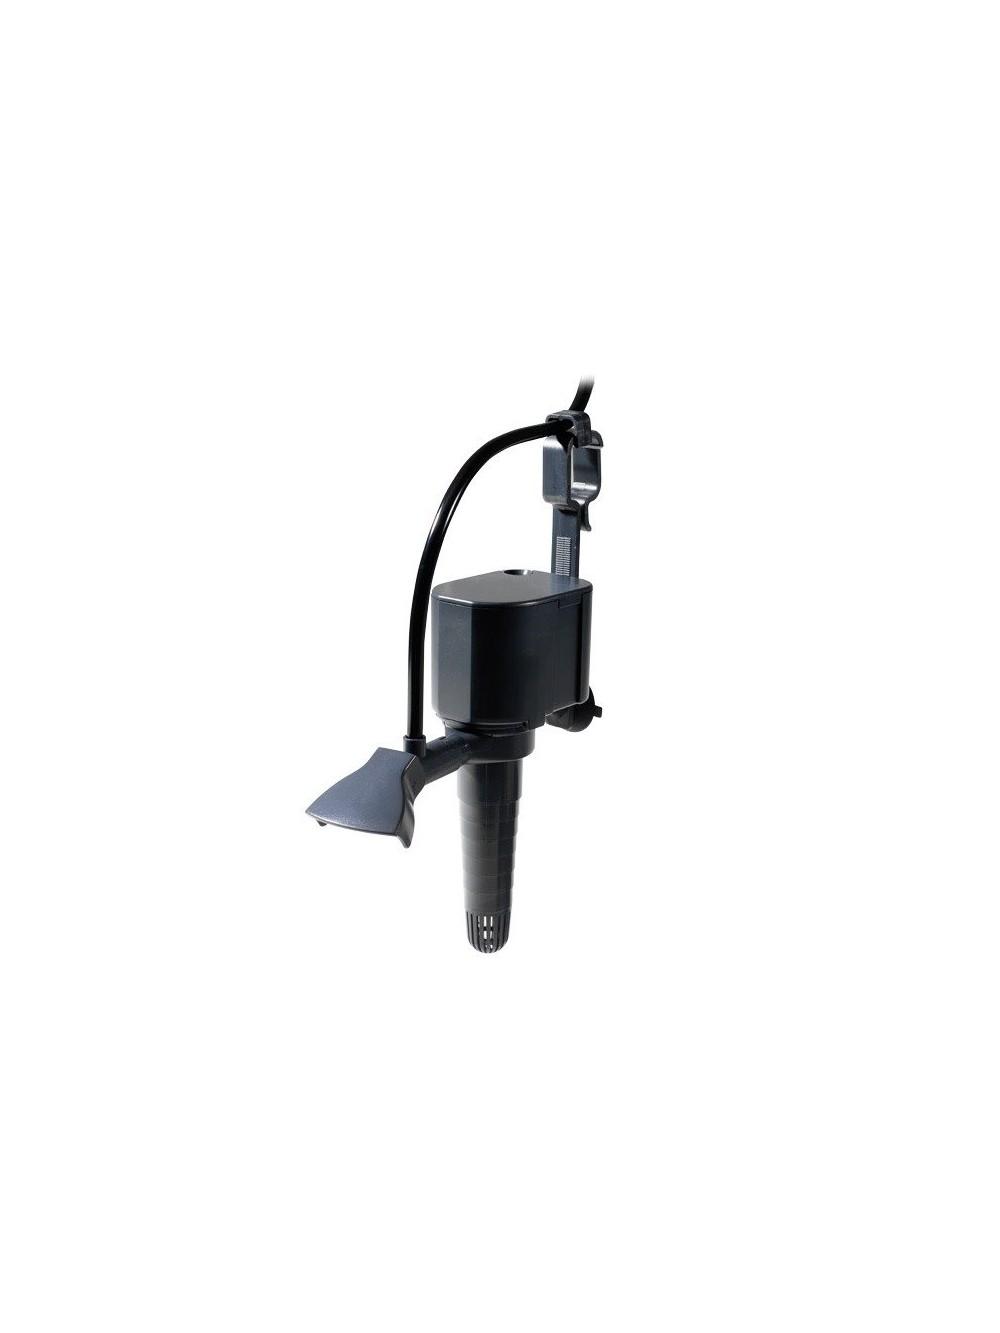 Newa maxi power head mp600 pompa per acquari for Pompe per acquari prezzi